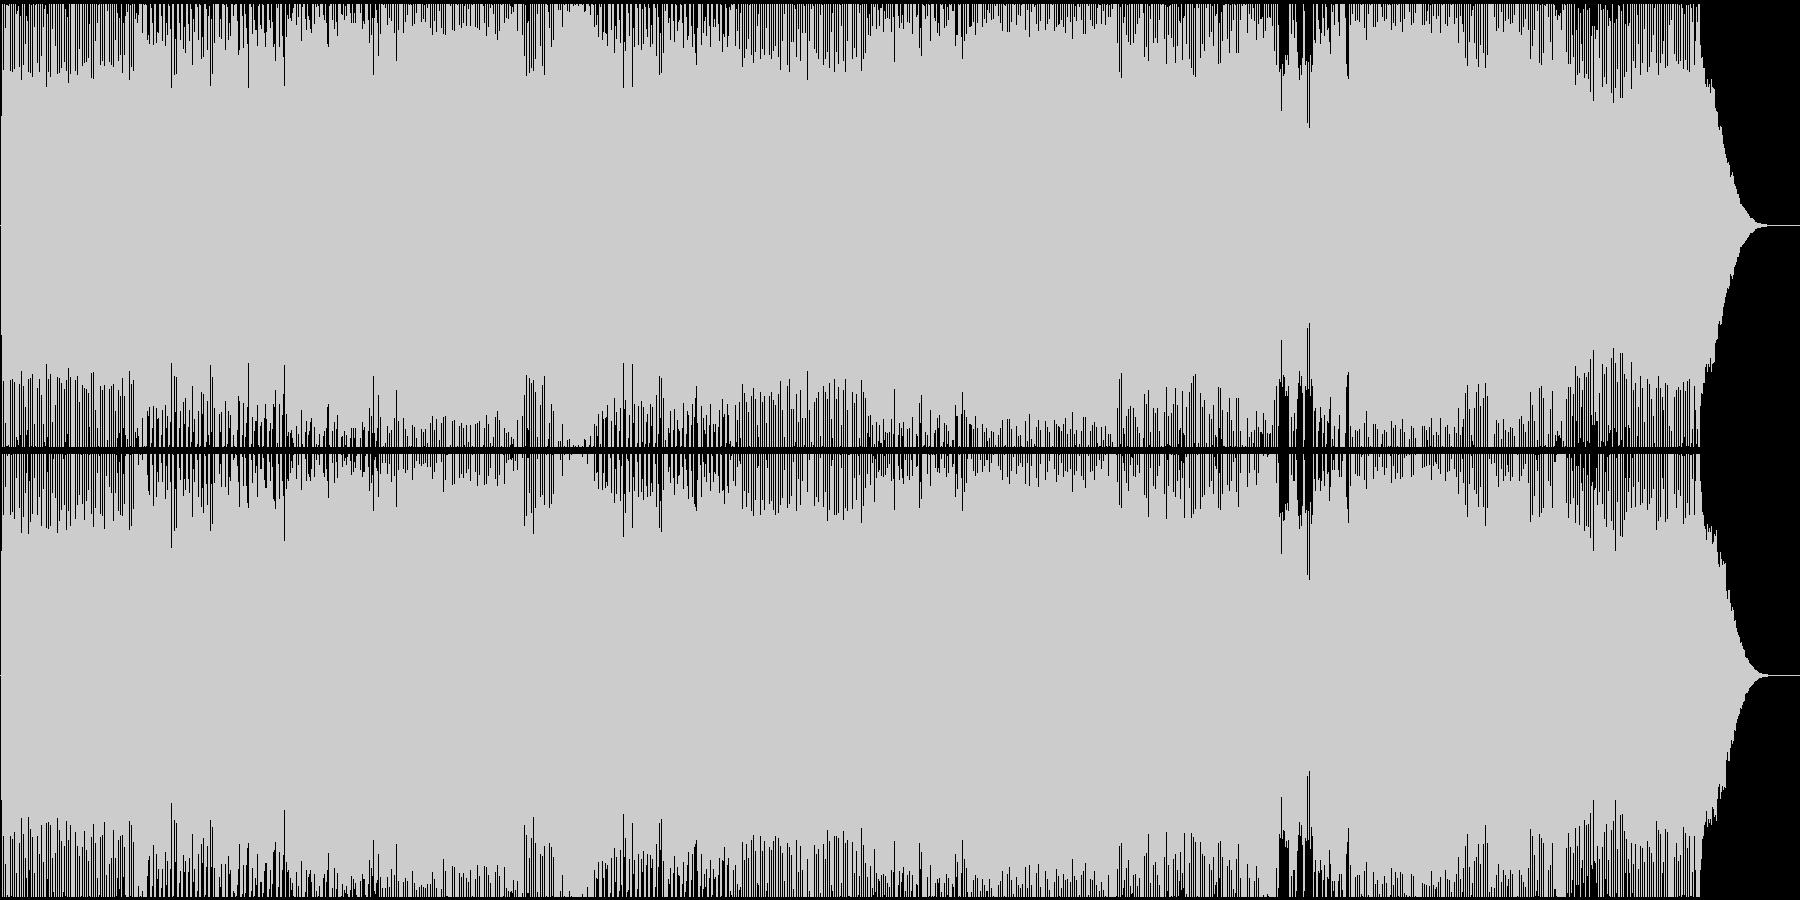 生演奏。女声ボーカル疾走系ギターロックの未再生の波形